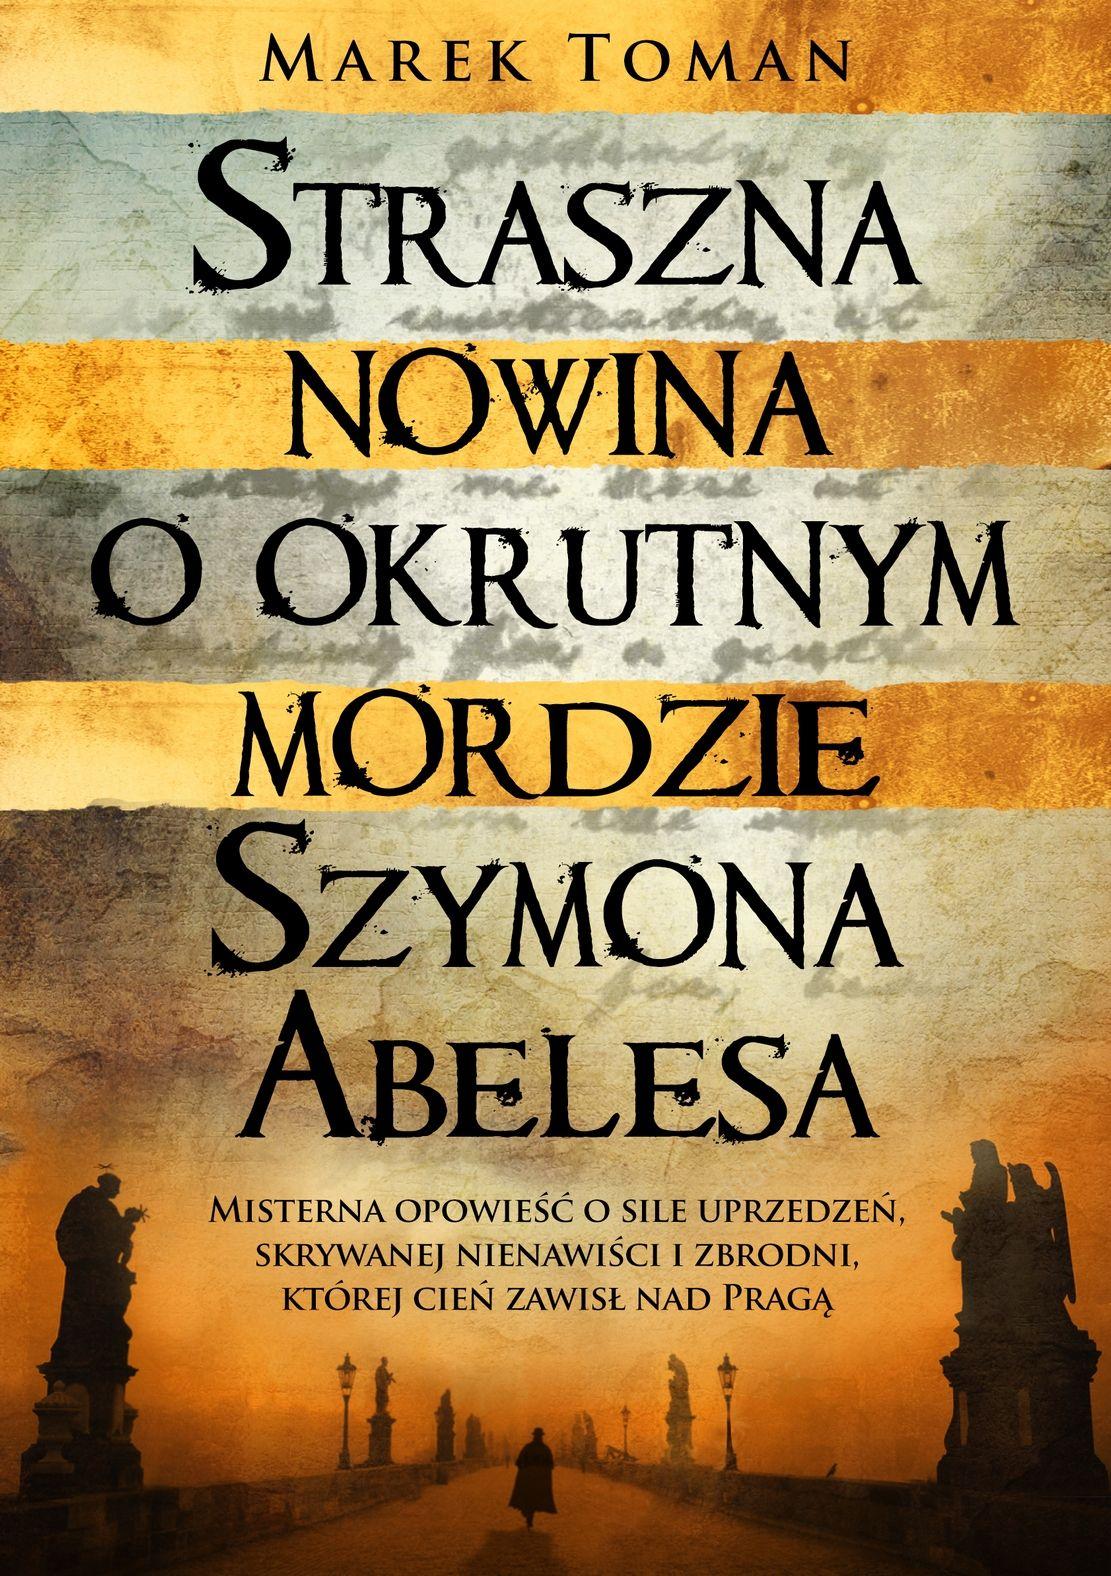 """Inspirację do napisania artykułu stanowiła powieść Marka Tomana pod tytułem """"Straszna nowina o okrutnym mordzie Szymona Abelesa"""" (Wyd. WAM 2016)."""